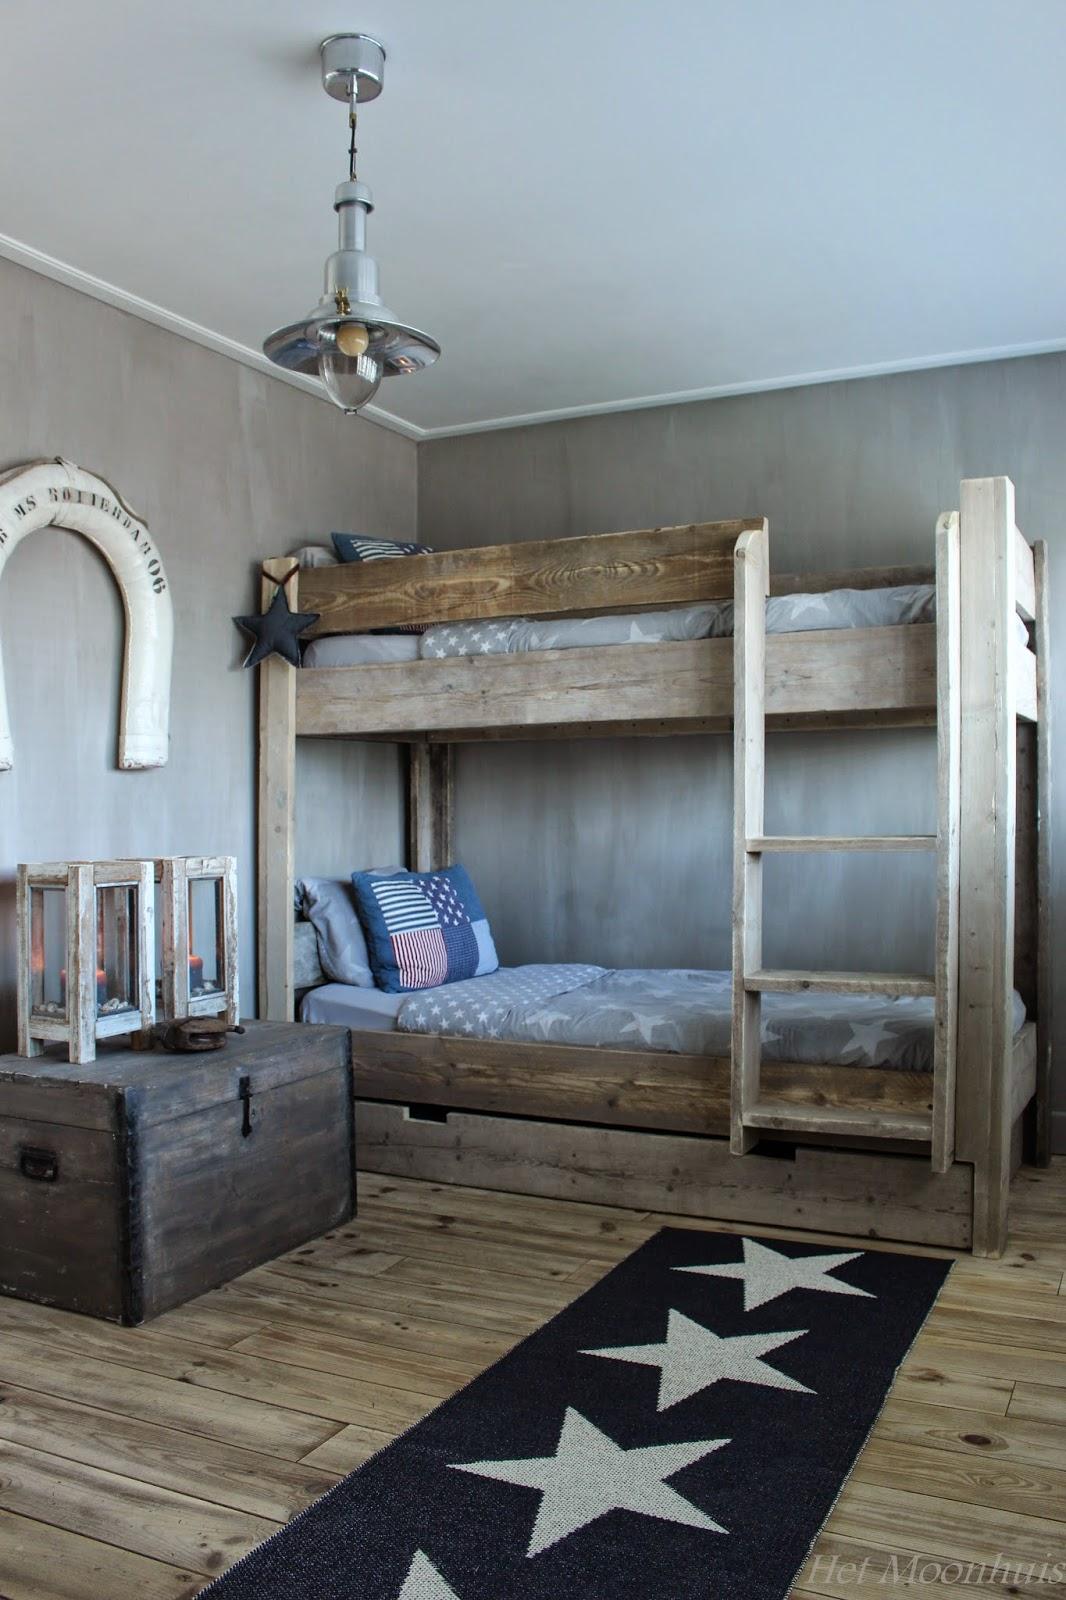 Het moonhuis stoere jongenskamer - Decoratie kamer slapen schilderij ...